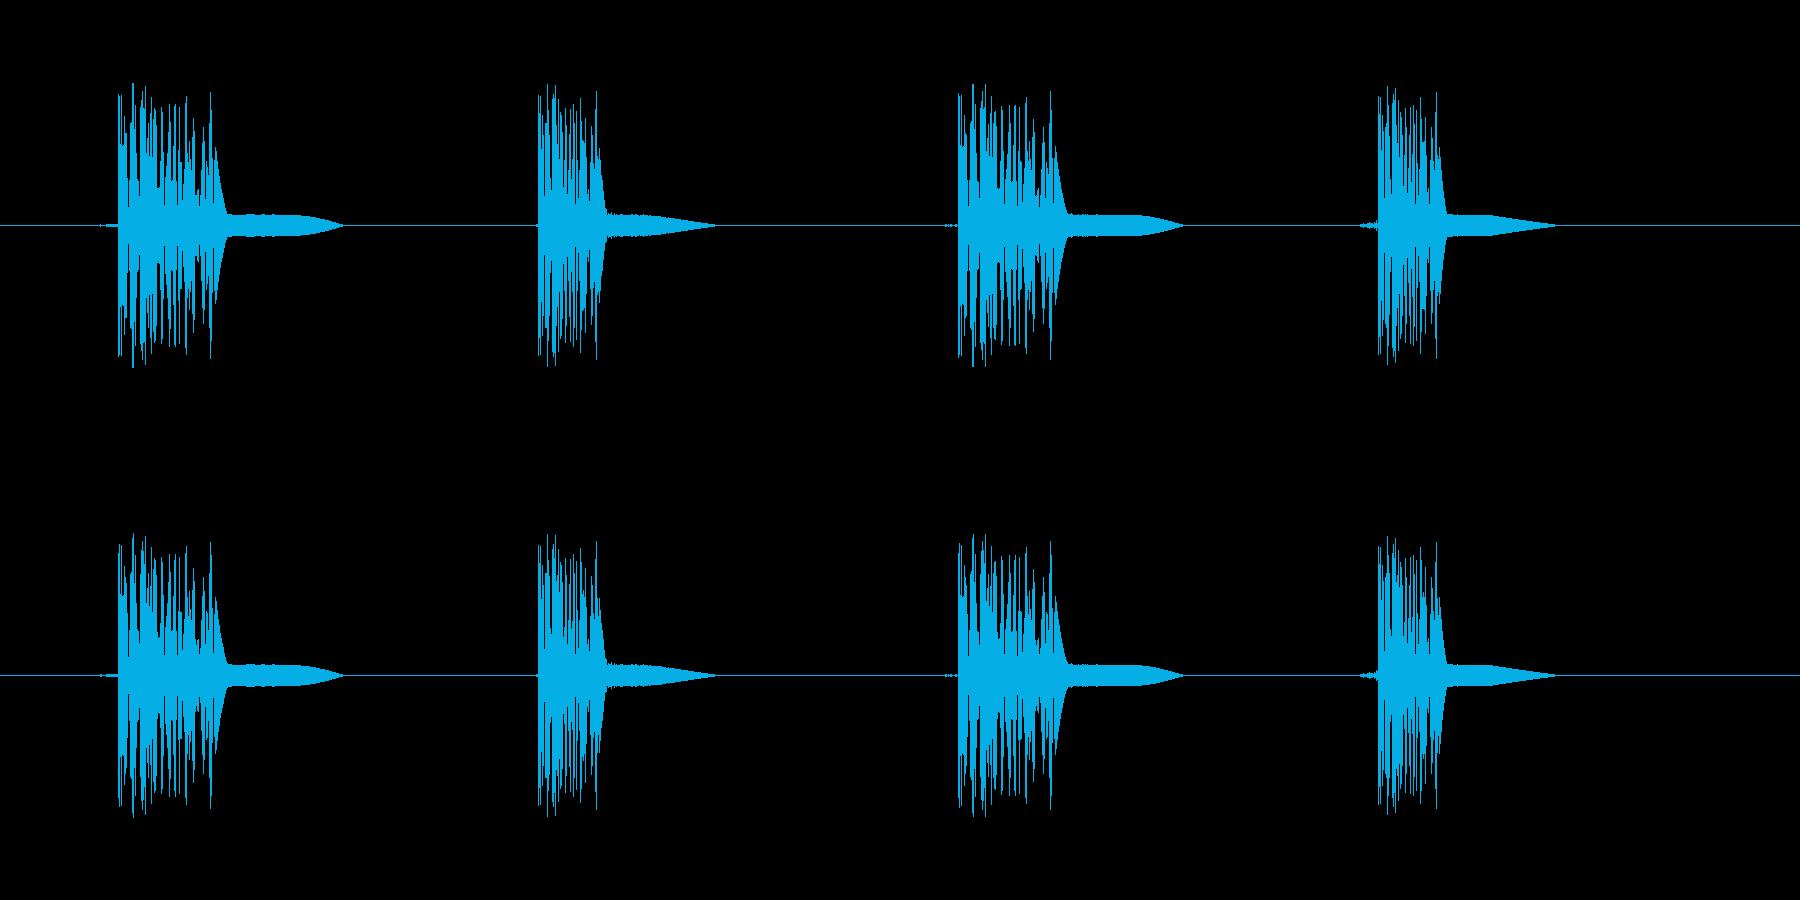 ファミコン系歩く音04 ループ トコトコの再生済みの波形